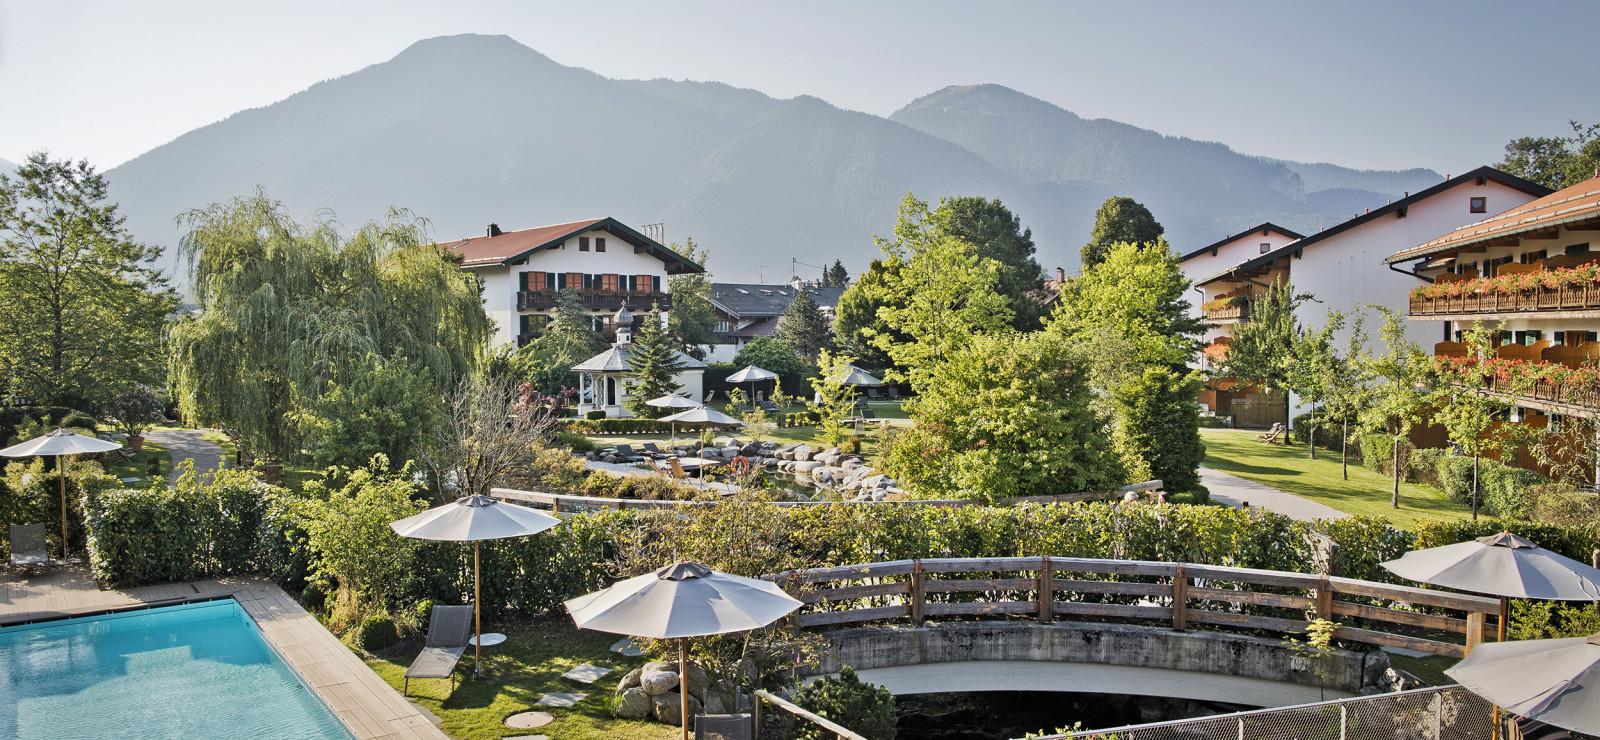 Spa & Resort Bachmair Weissach Bilder | Bild 1